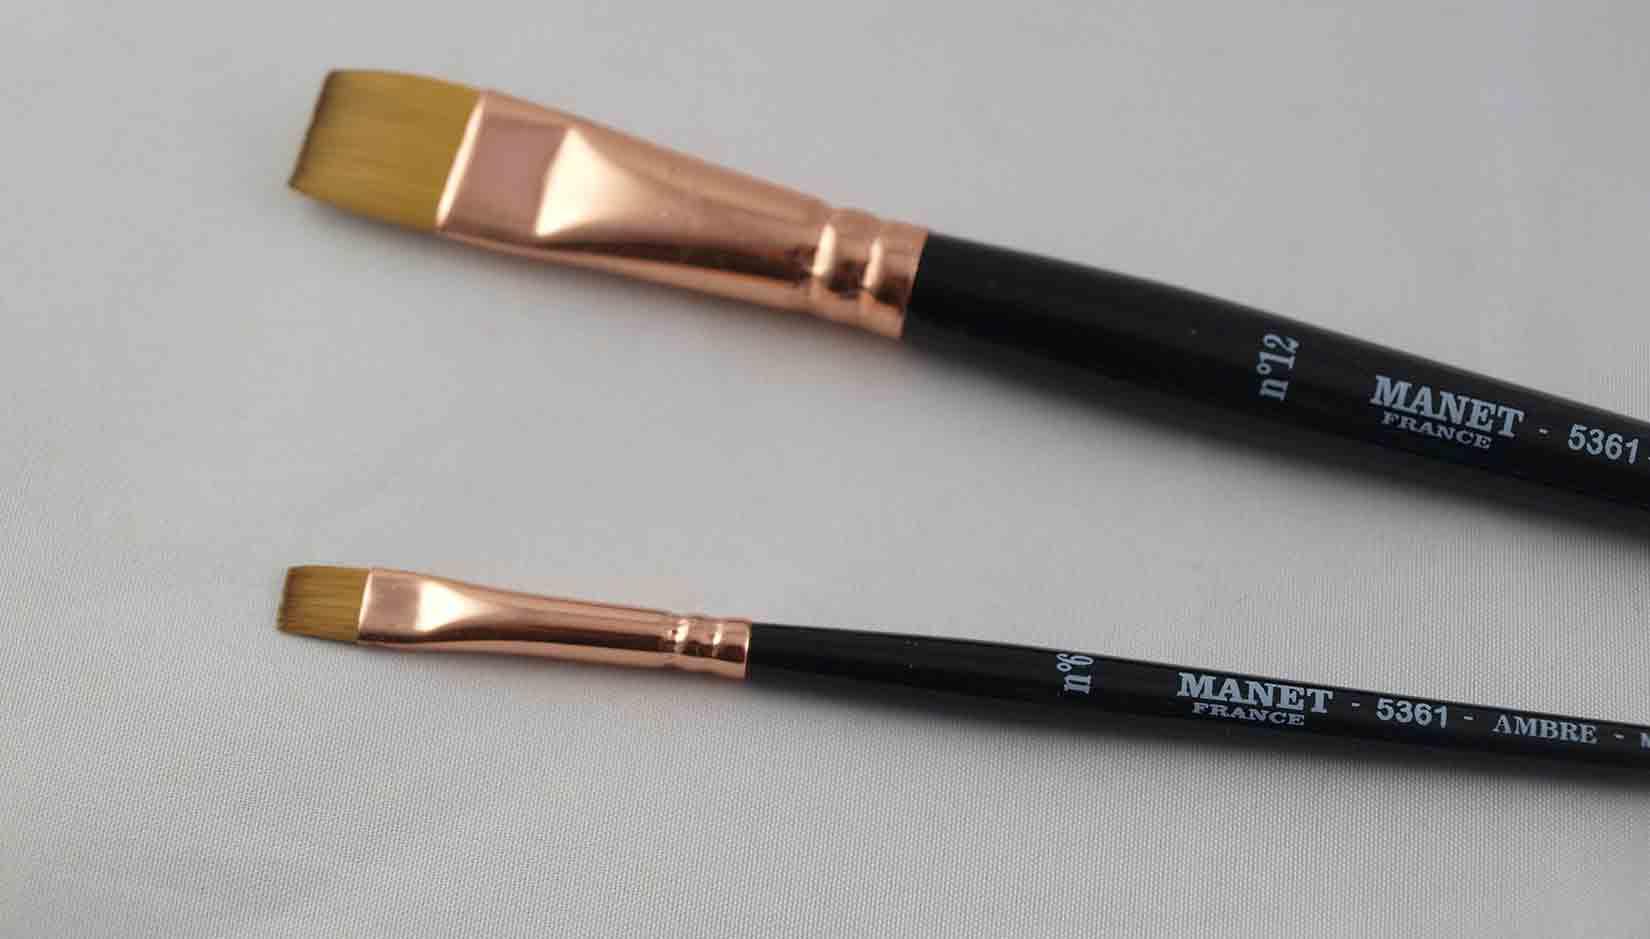 Pinceau plat extra-court -  manche court - imitation martre - Manet Ambre 5361